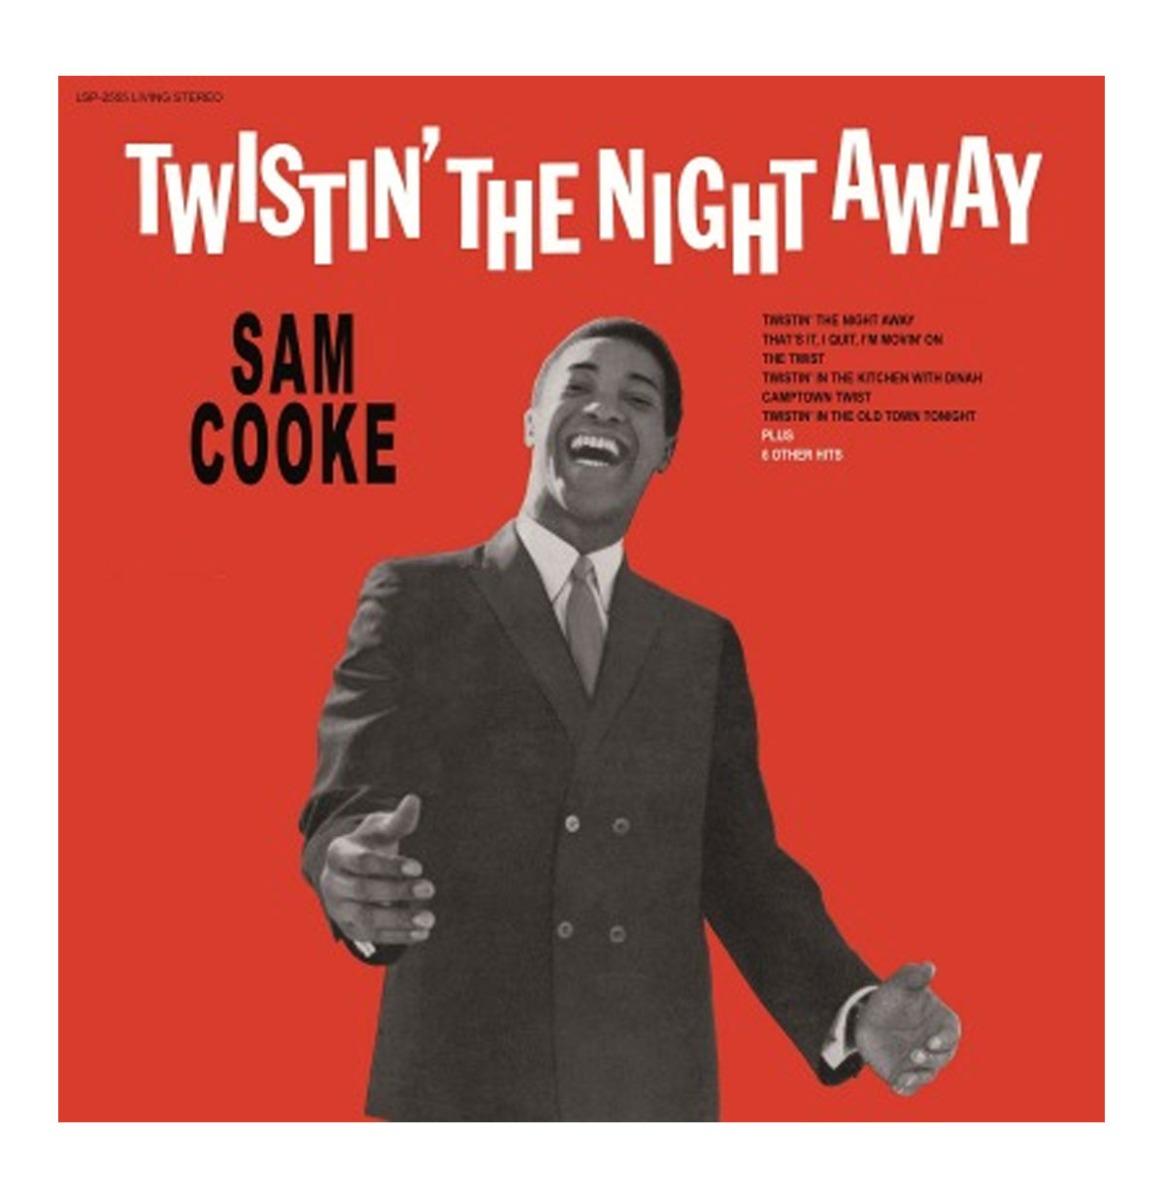 Sam Cooke - Twistin' The Night Away LP